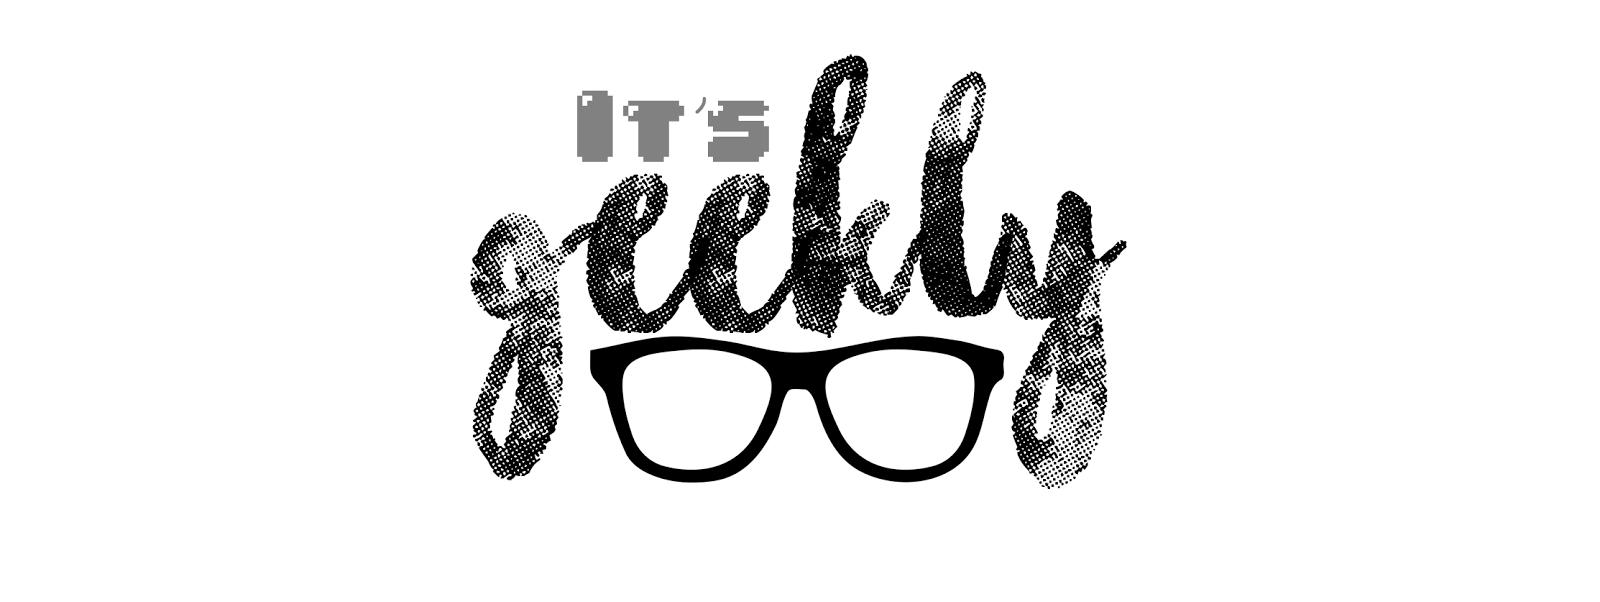 It's Geekly | Blog de filmes, séries, livros, jogos e universo geek.